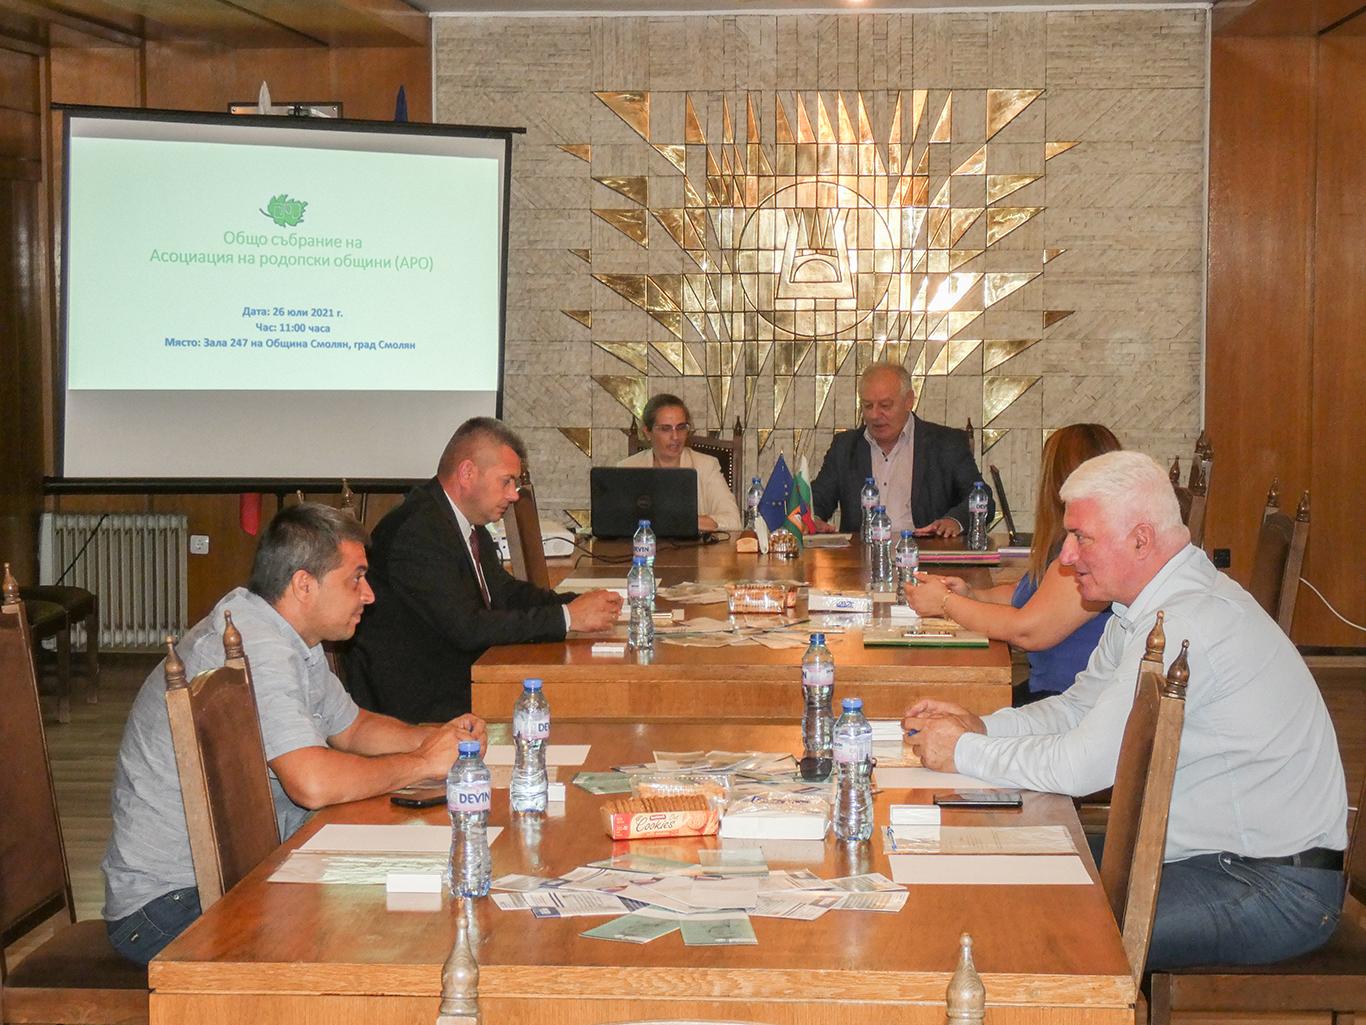 Проведе се Общо събрание на Асоциацията на родопски общини